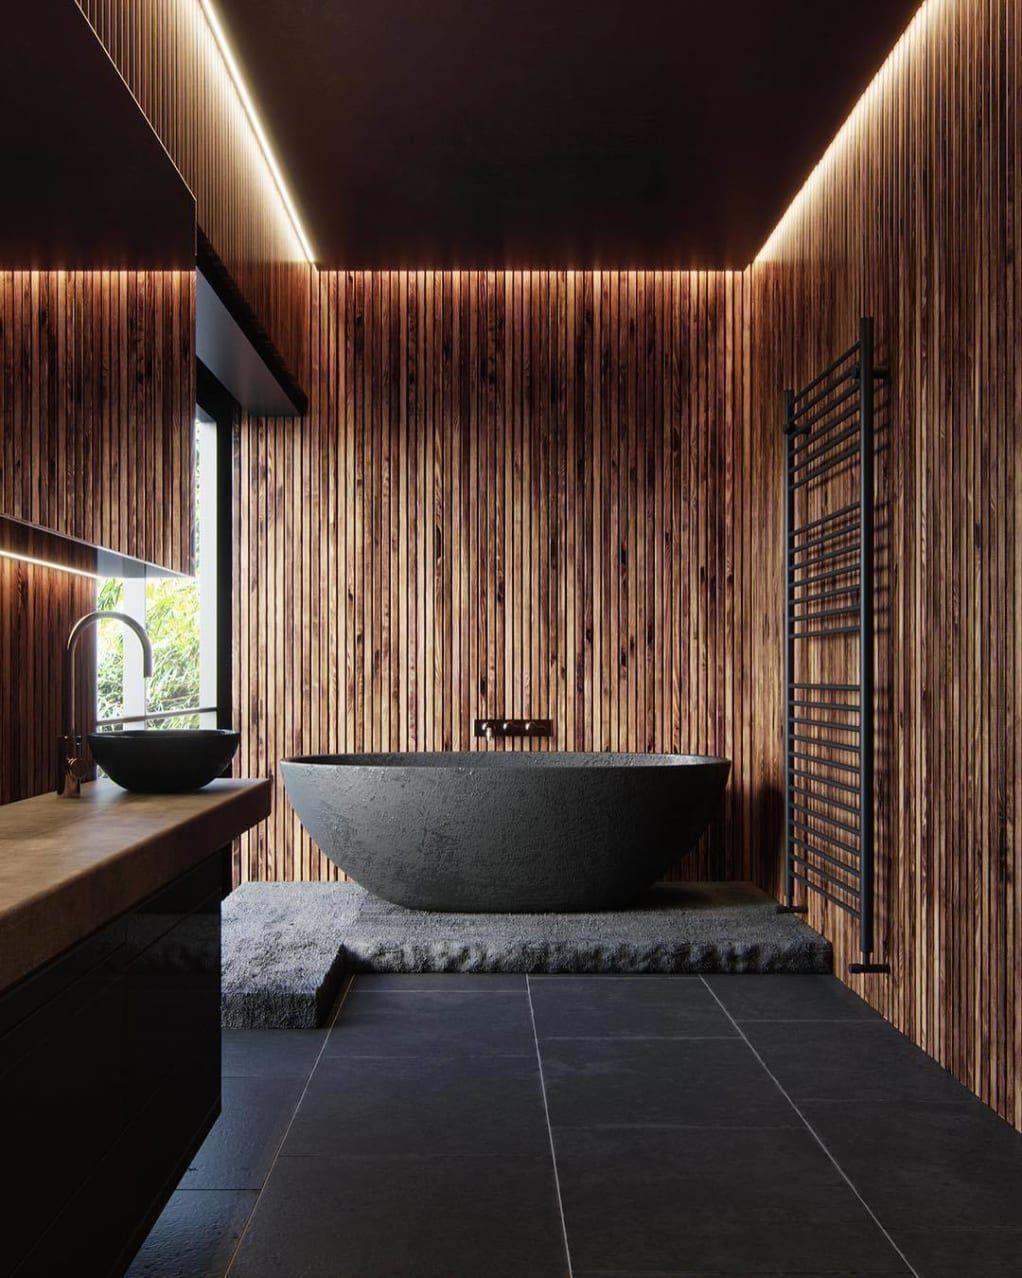 Minimal Interior Design Inspiration   Iç tasarım, Banyo dekorasyonu, Lüks banyolar